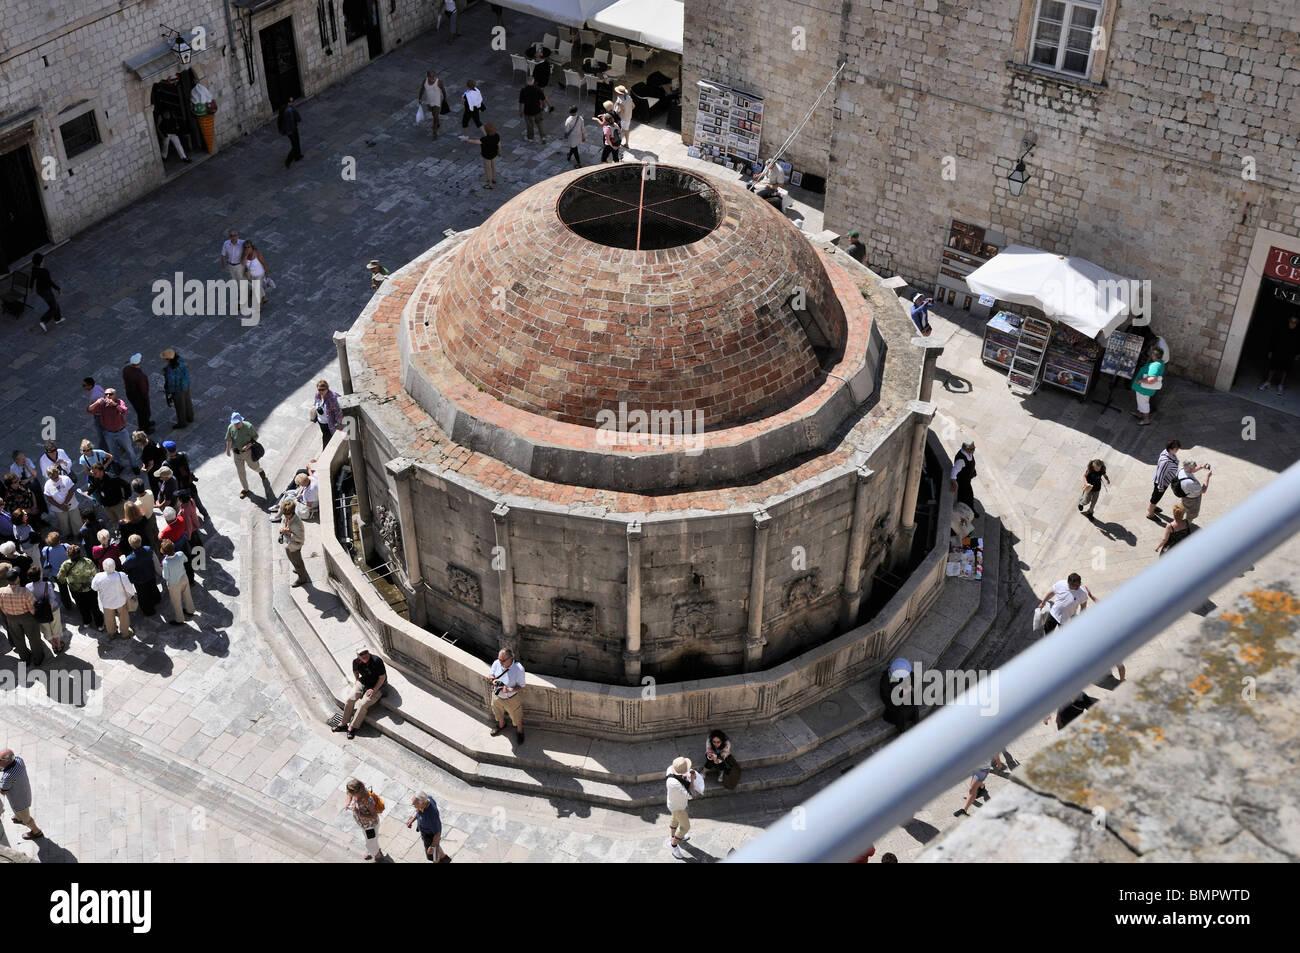 Les touristes se rassemblent autour de grande fontaine d'Onofrio dans la vieille ville de Dubrovnik Banque D'Images